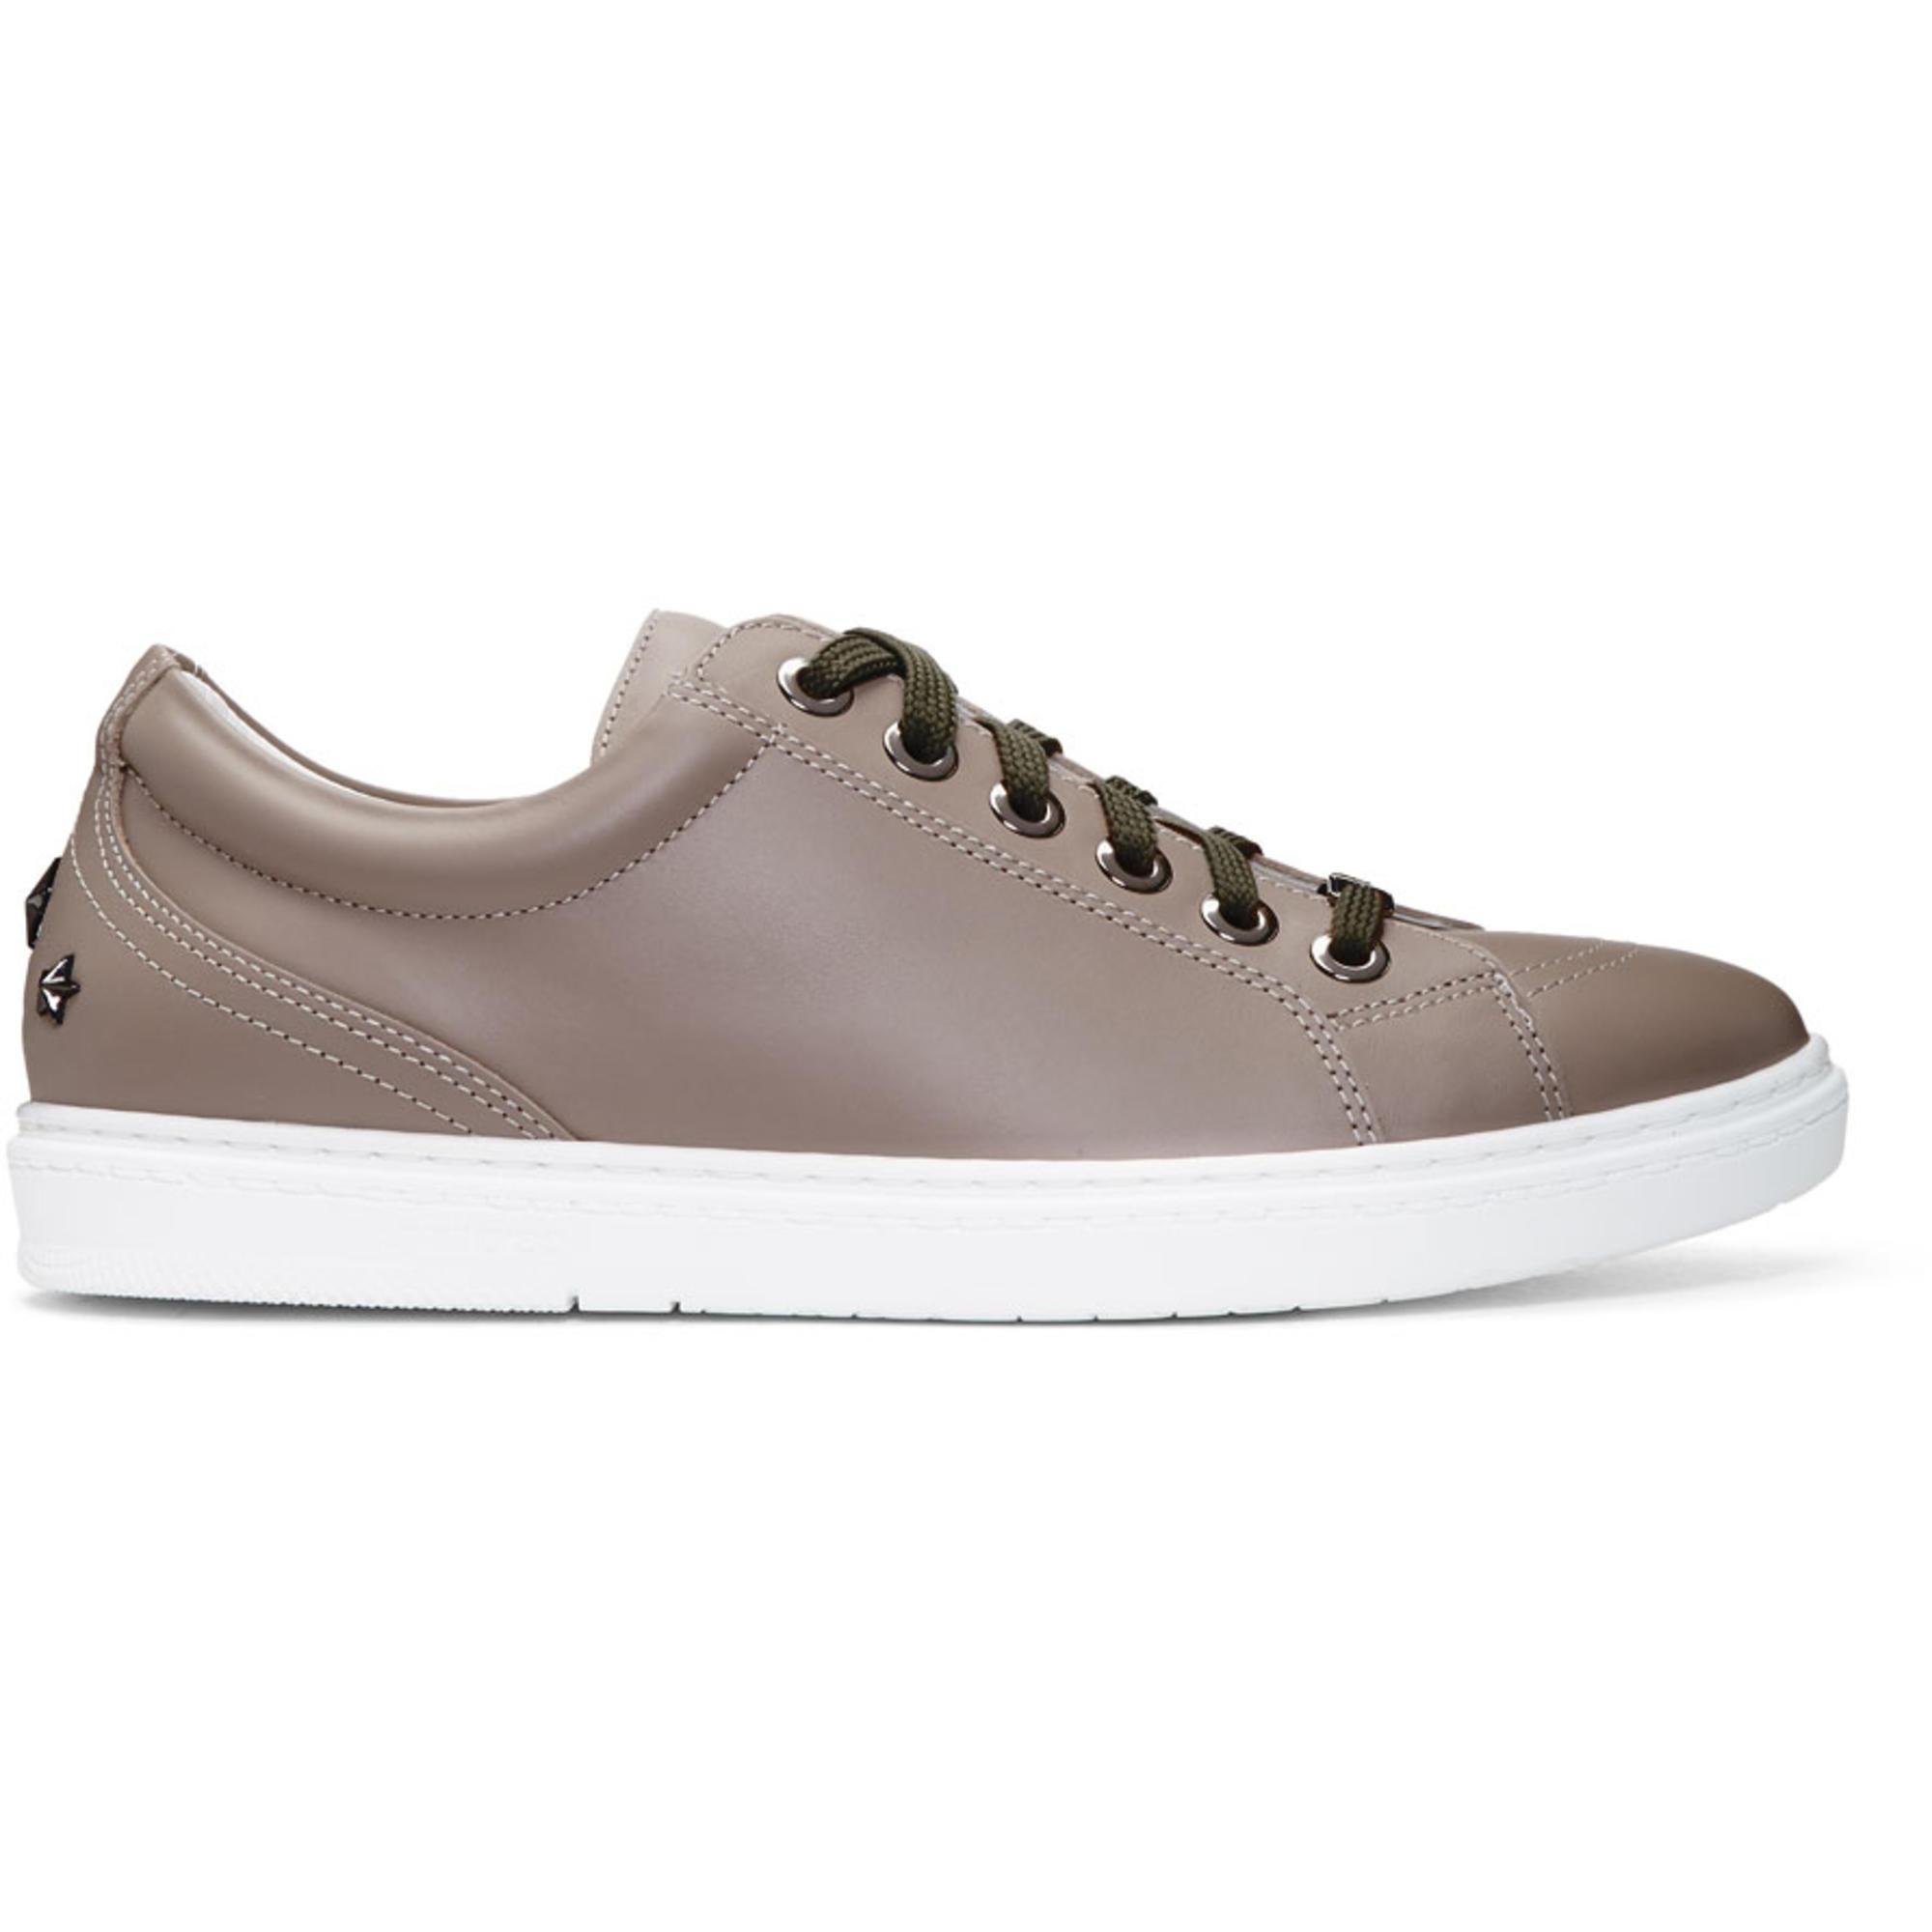 Jimmy choo Metallic Cash Sneakers 3H9vdQ2